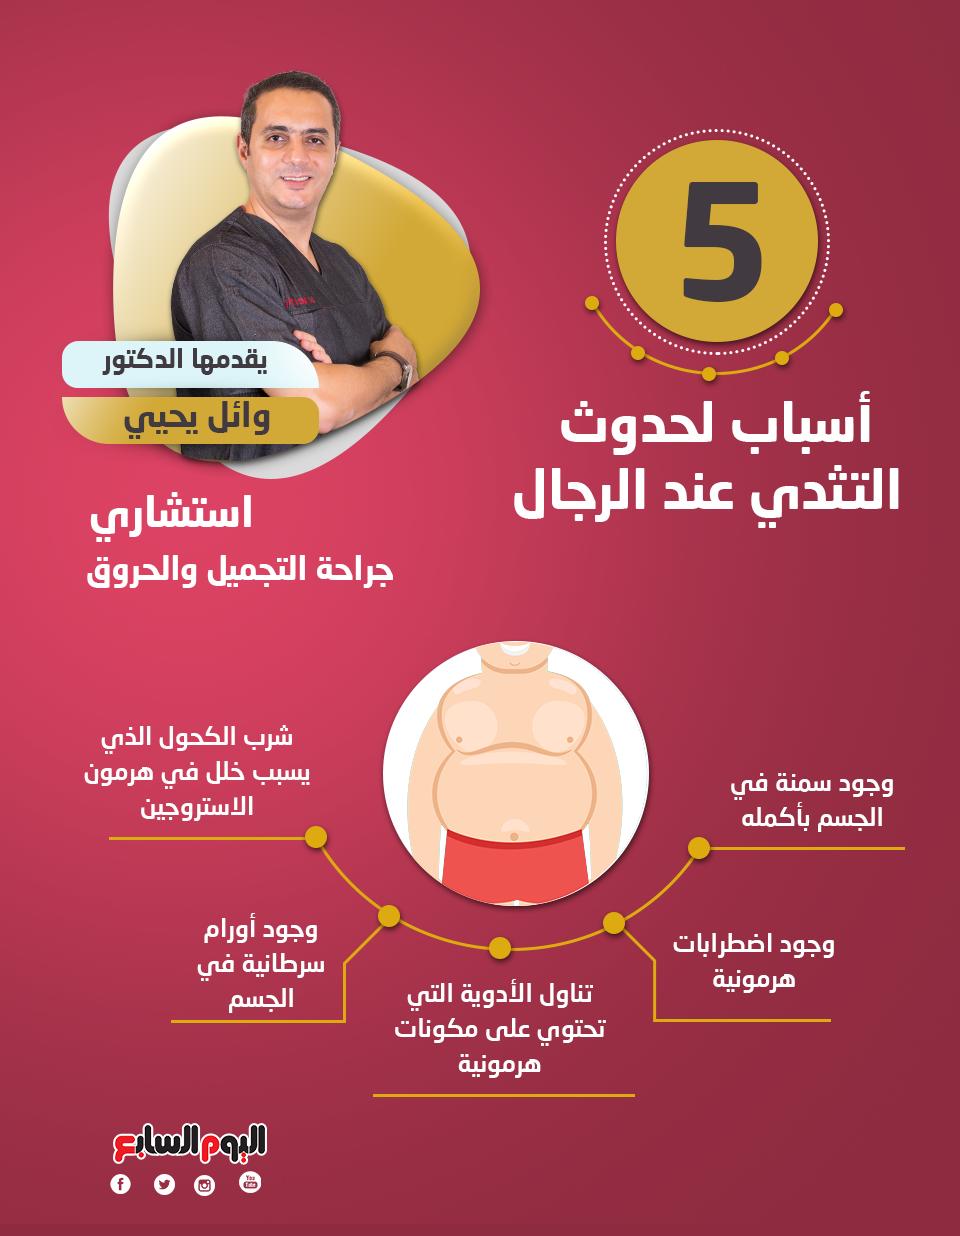 5 اسباب لحدوث التثدي عند الرجال